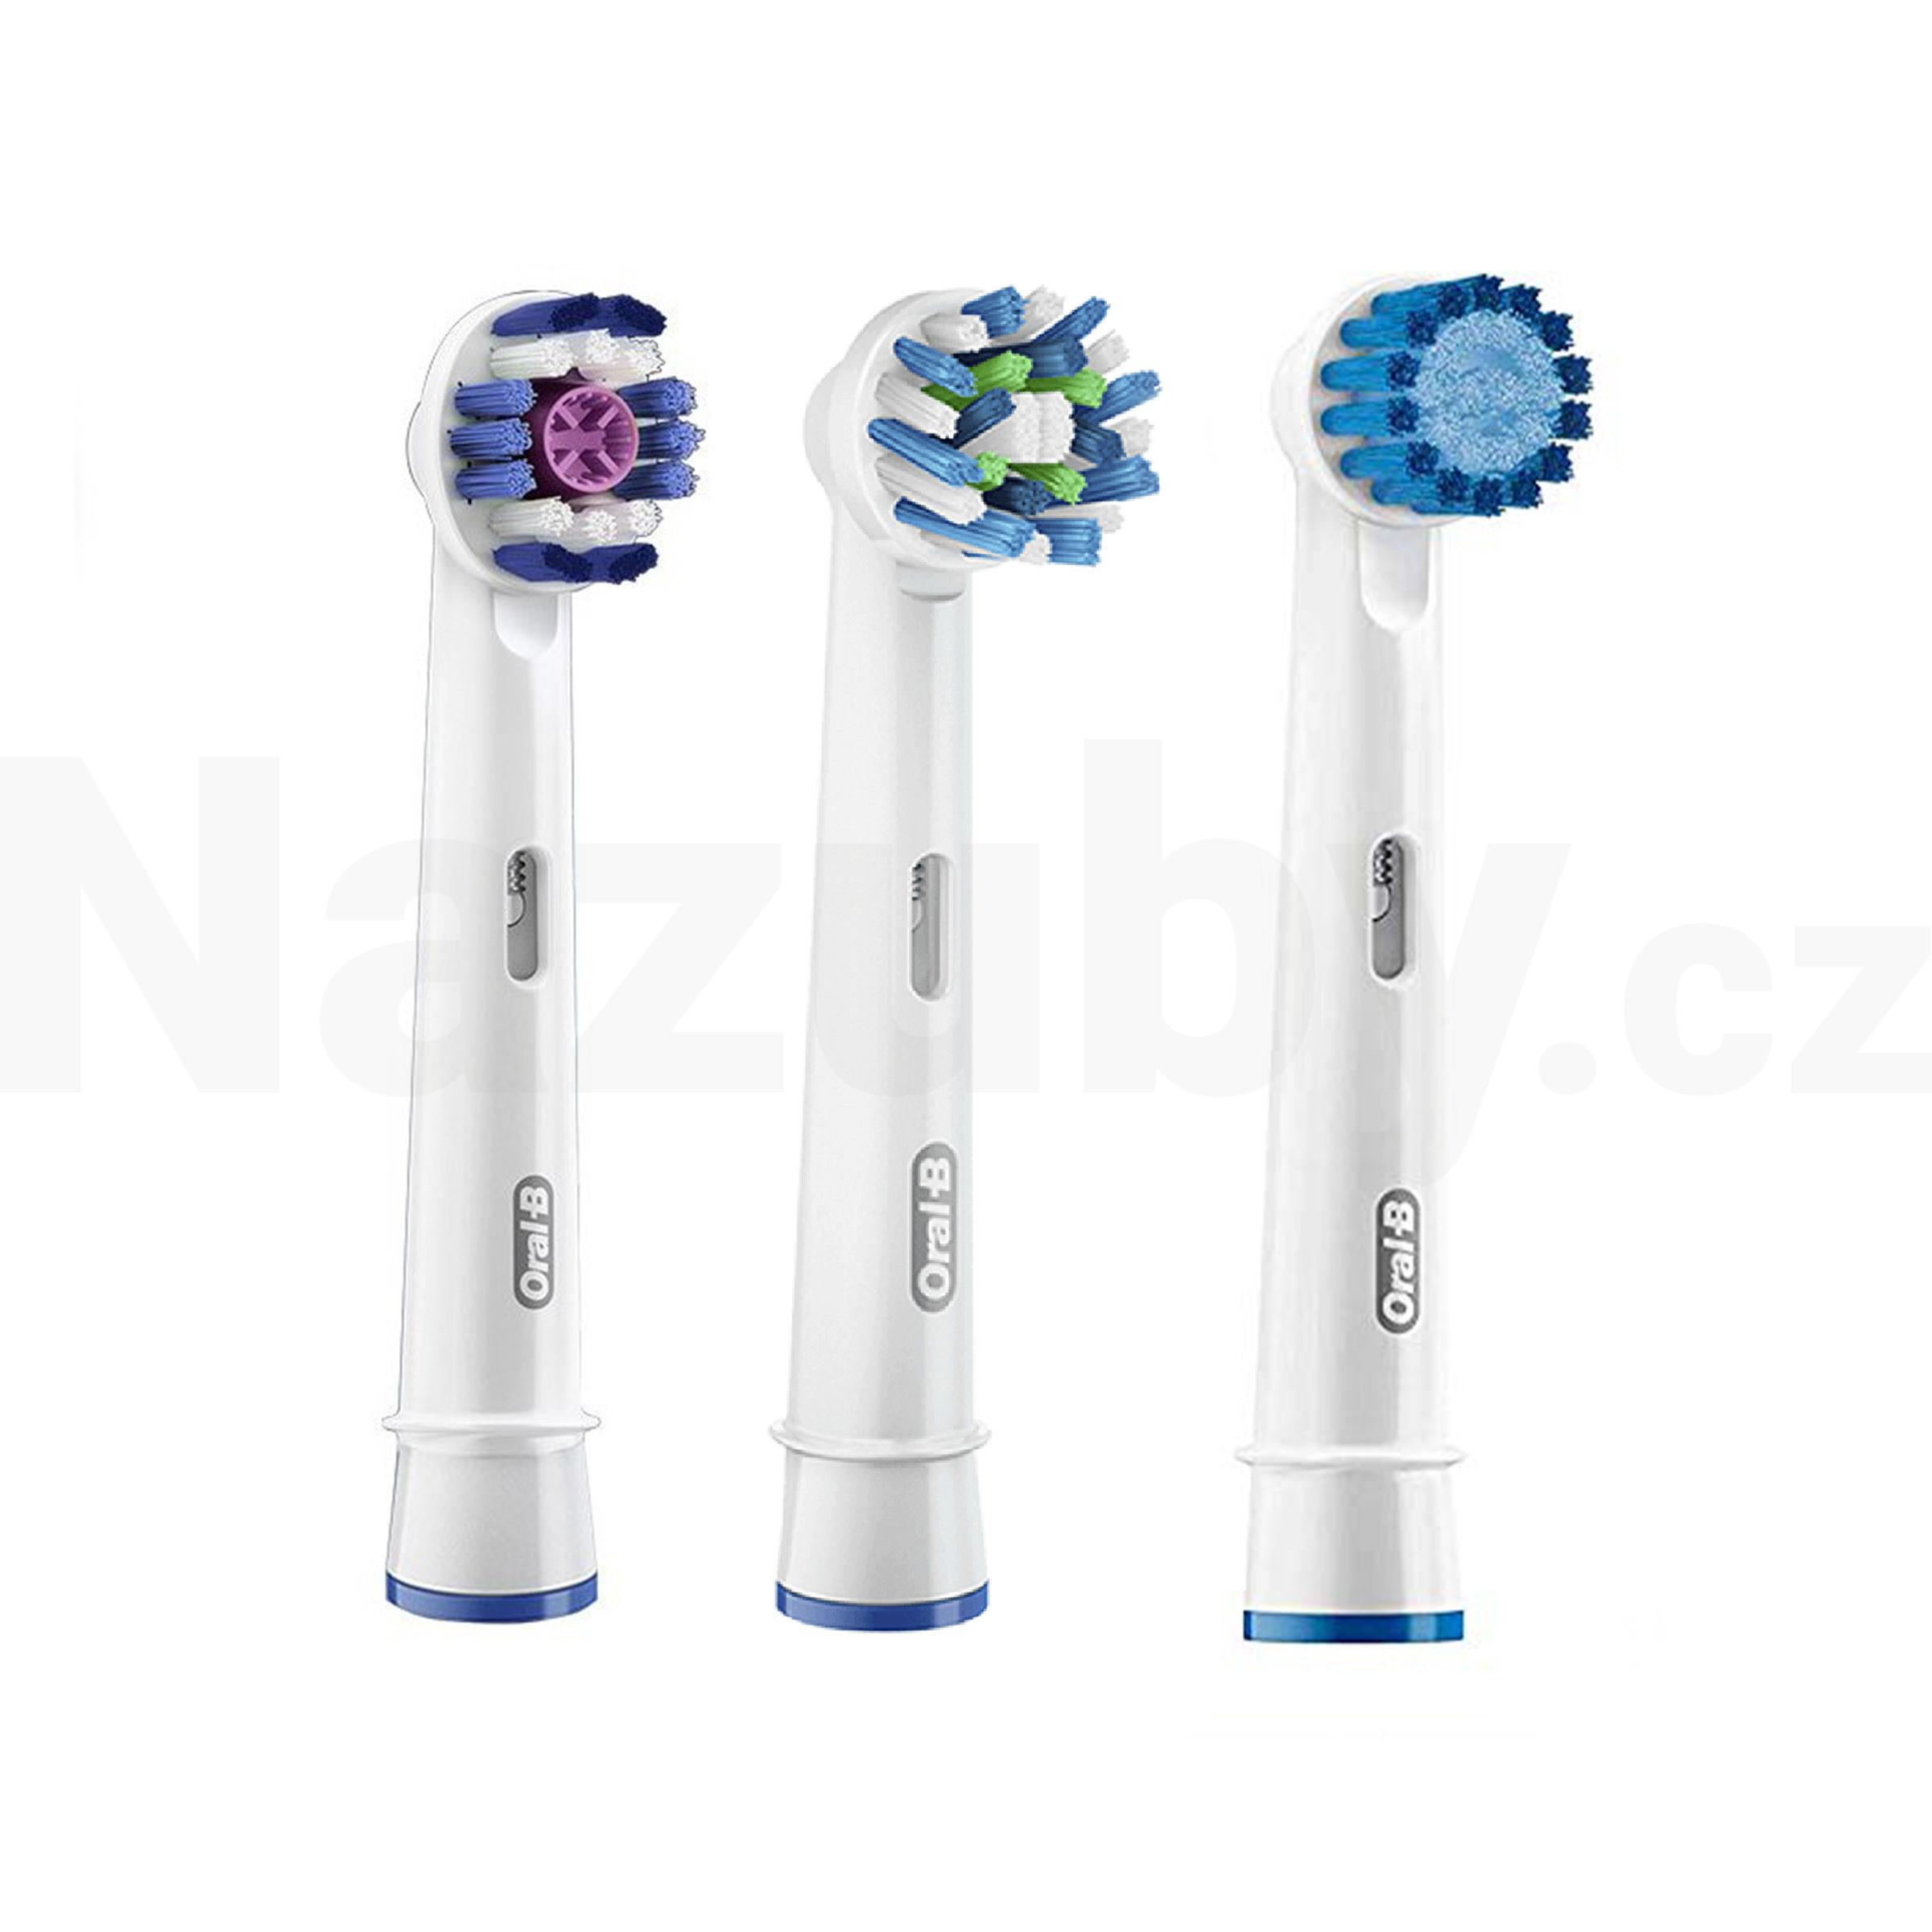 Braun Oral-B 3v1 Special Pack náhradní hlavice, 3ks